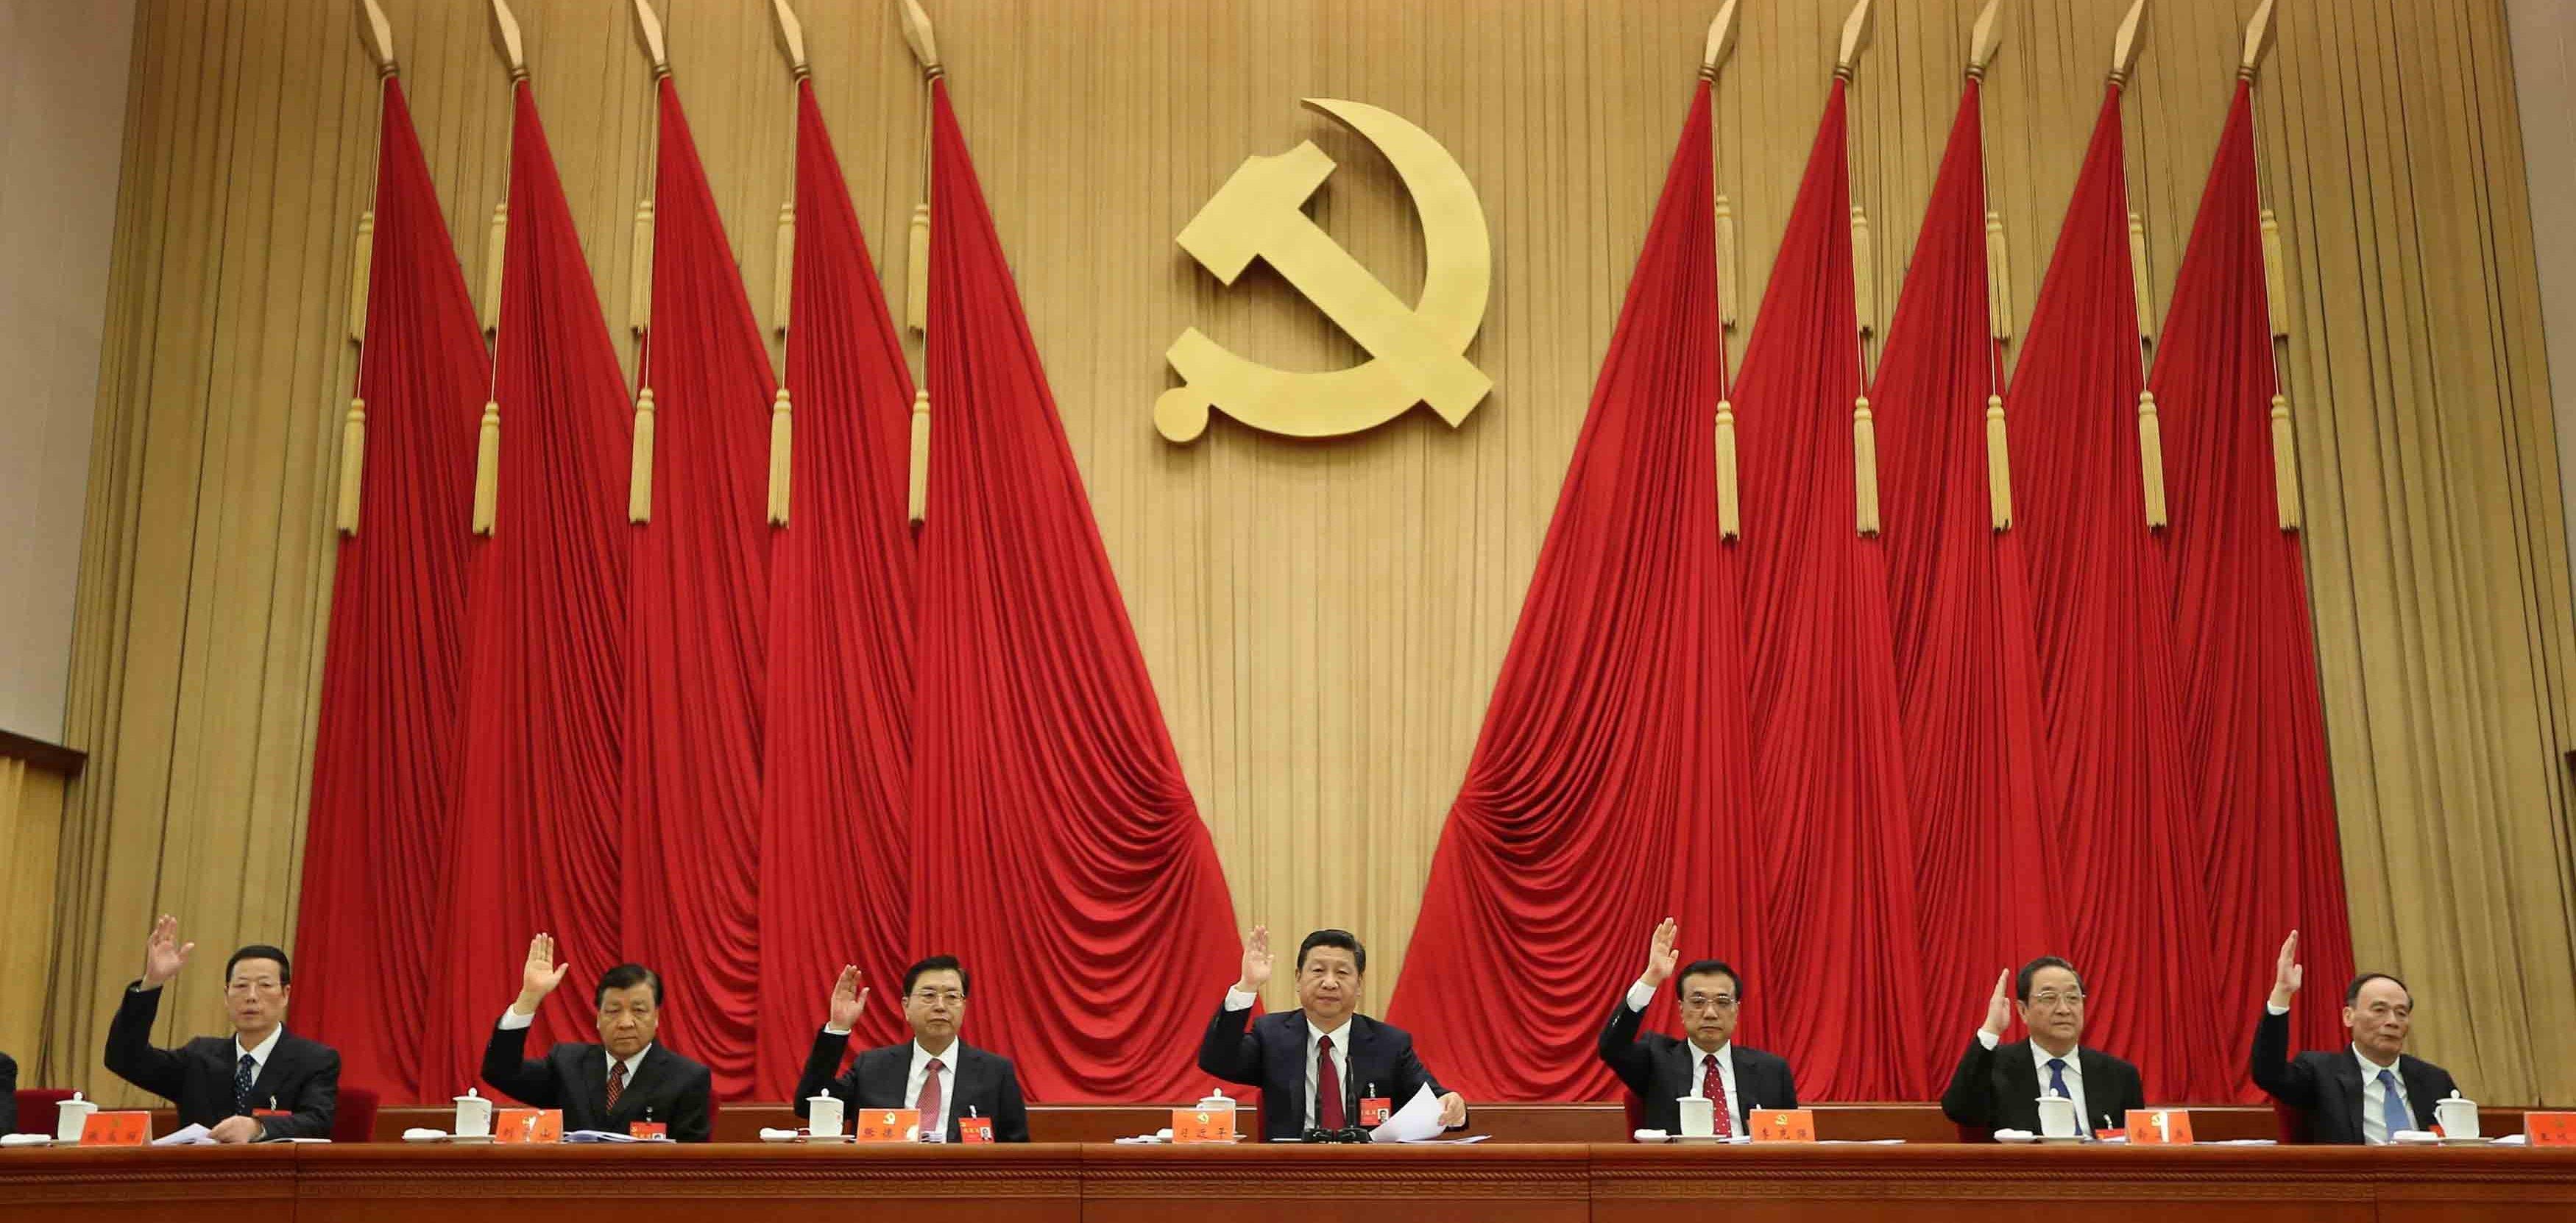 АҚШ: Қытай халқы коммунистік партия мен билікті жек көреді - на politic.bugin.kz